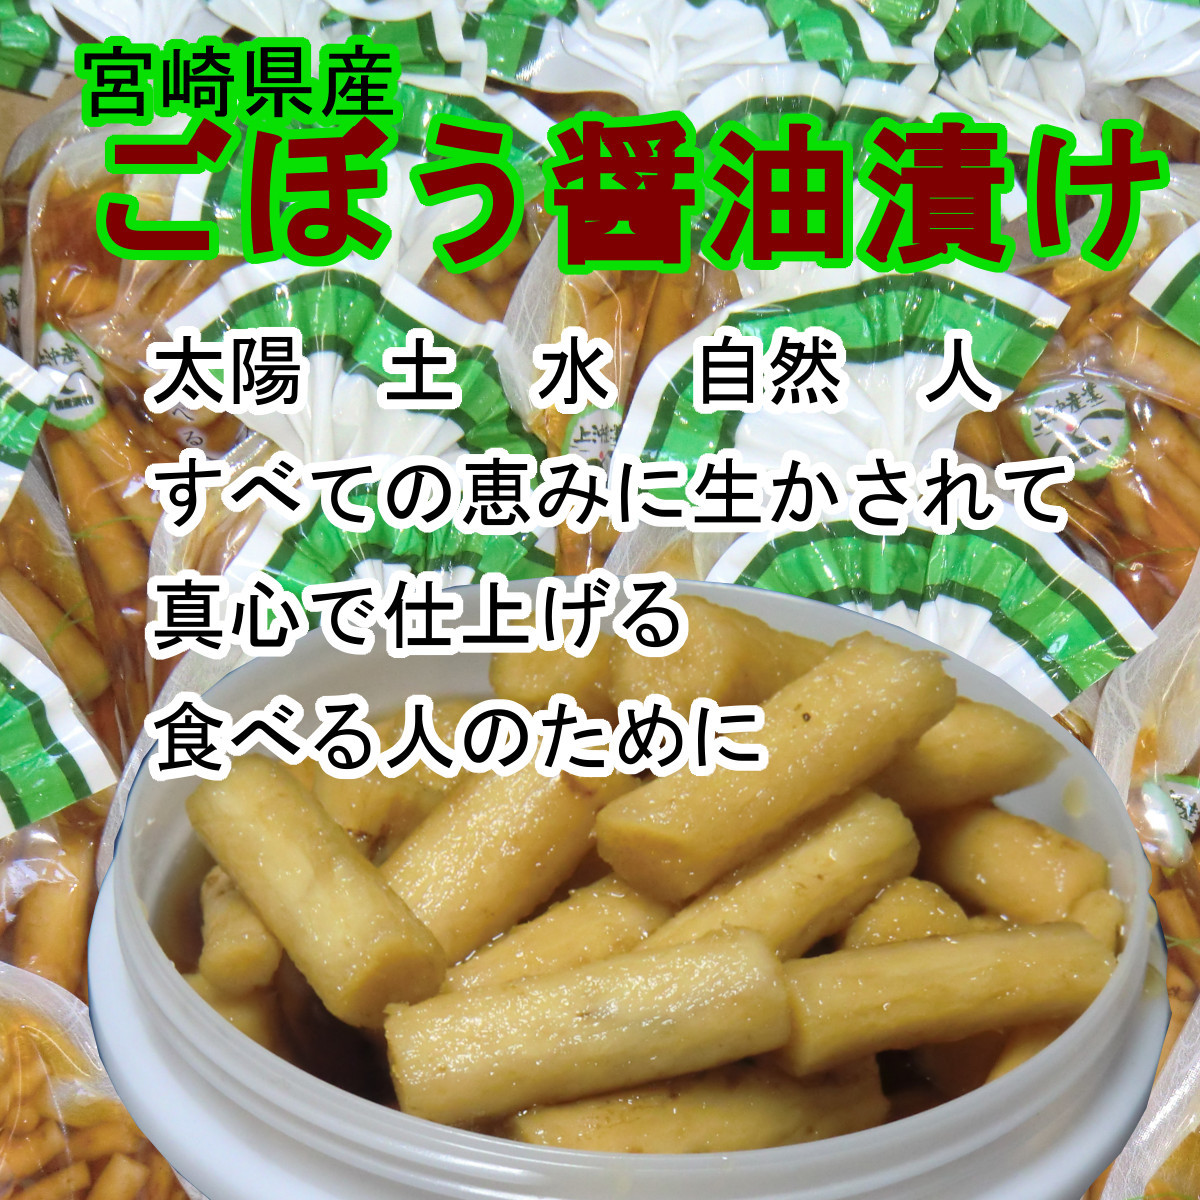 ゴボウの醤油漬け 20袋 ご飯のお供 宮崎県産ゴボウの漬物 おかず おつまみ お茶うけ 色んな料理の付合わせに 食べてスッキリ 送料無料 _画像4